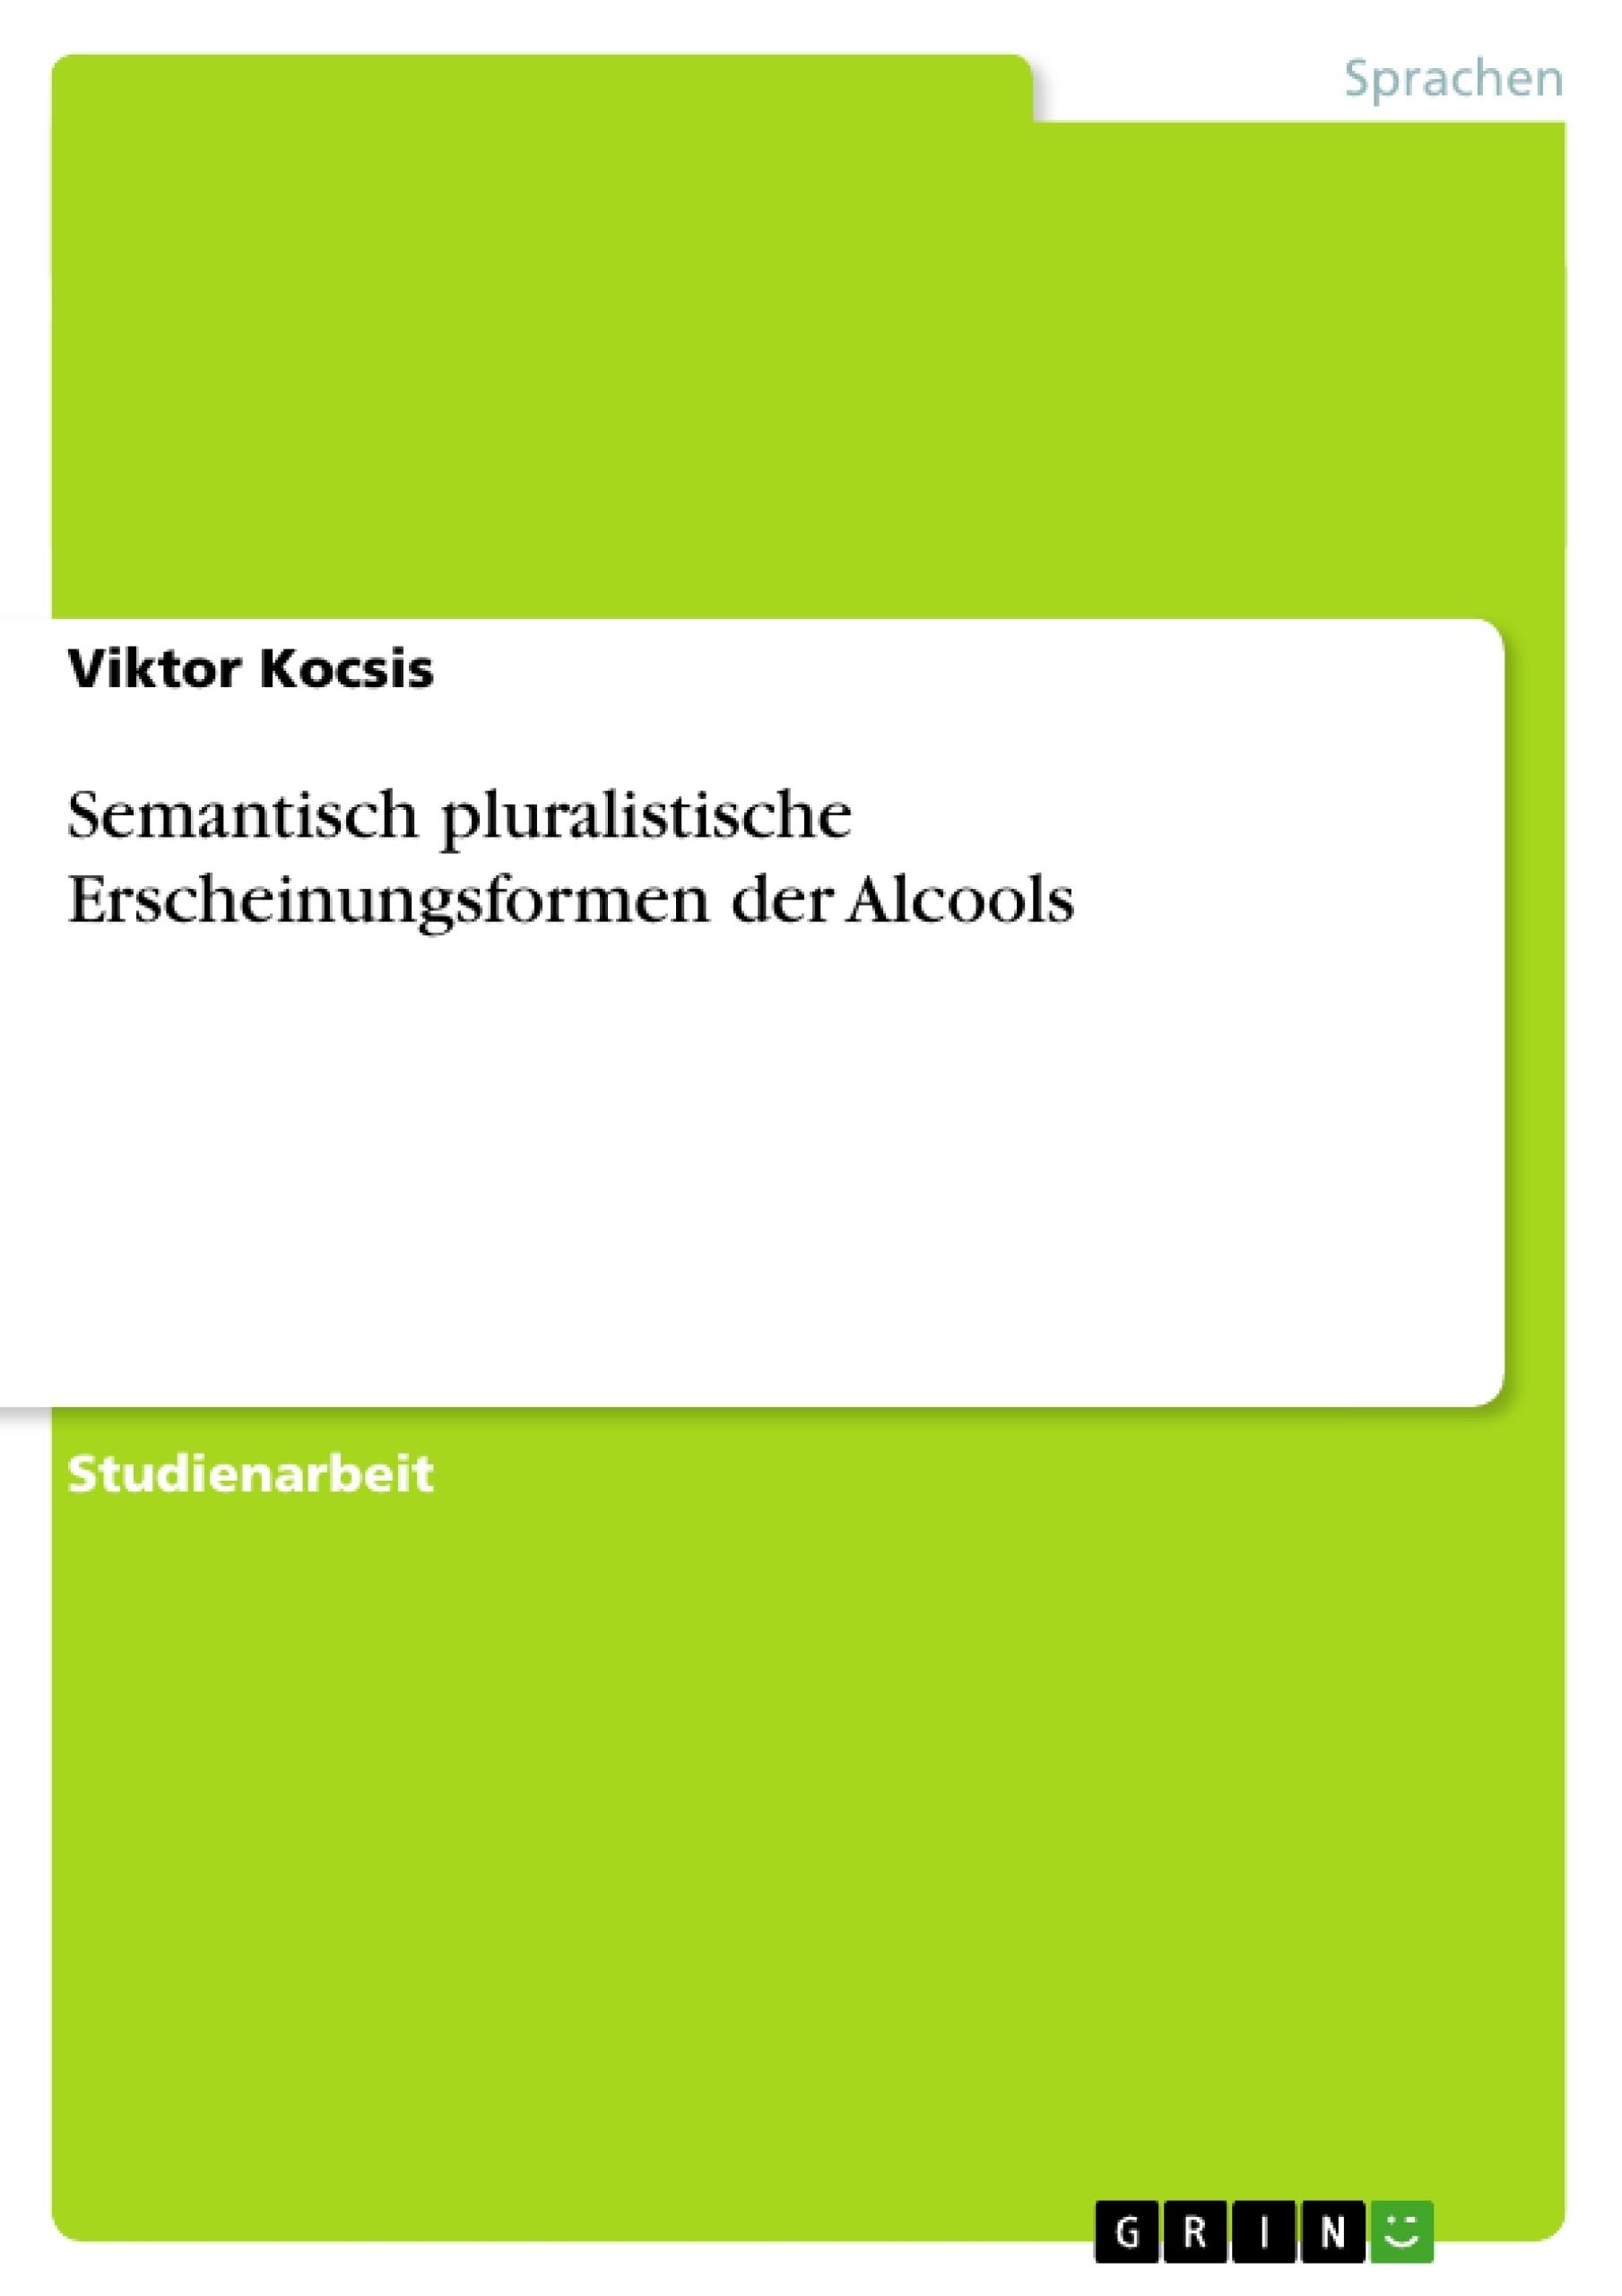 Titel: Semantisch pluralistische Erscheinungsformen der Alcools